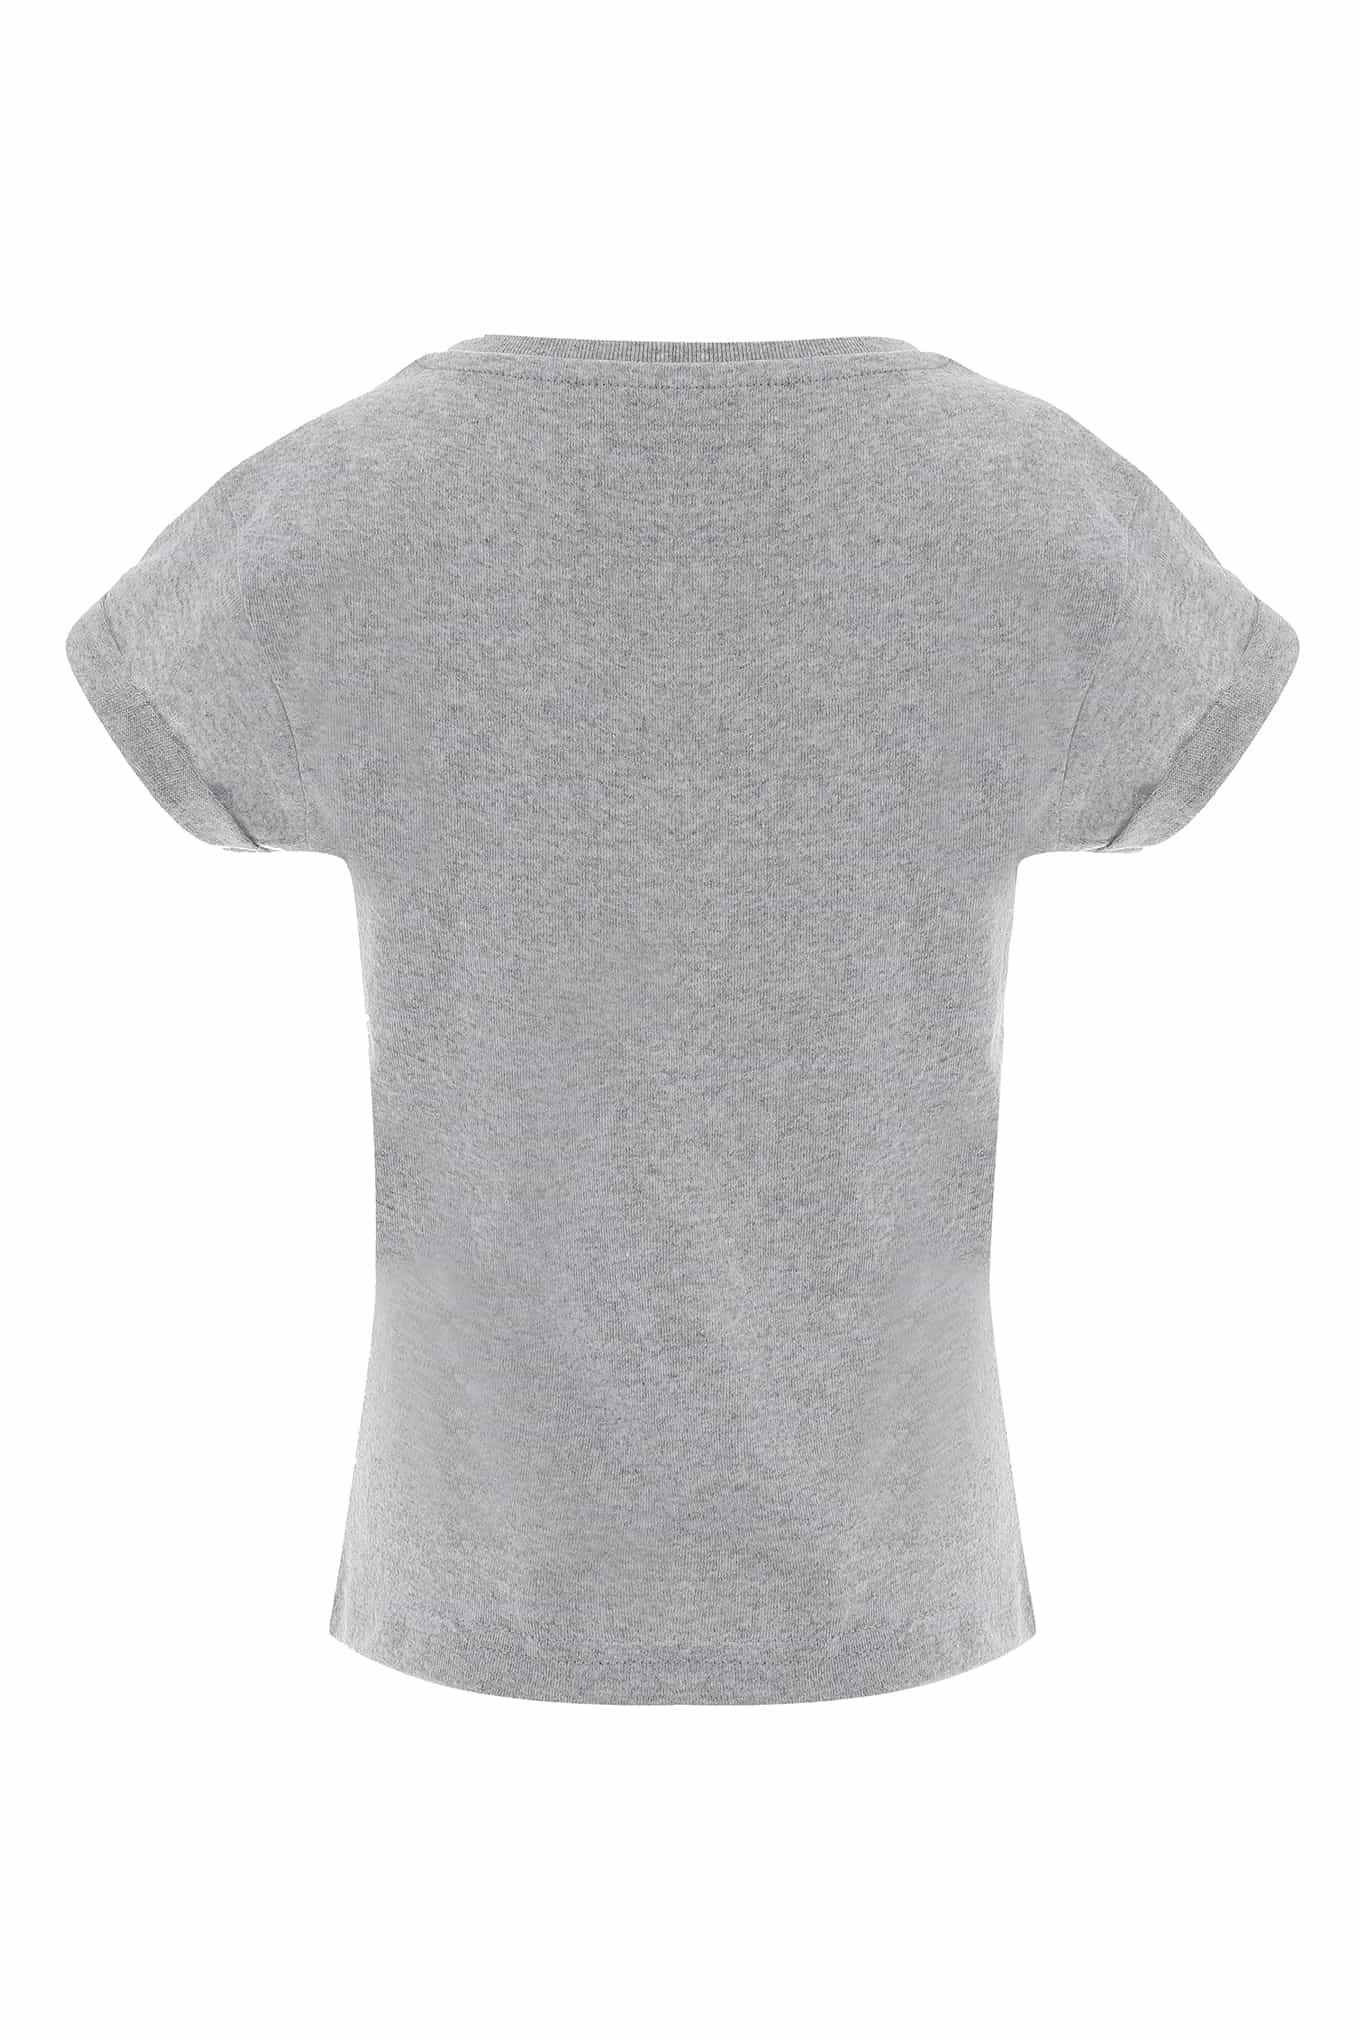 T-Shirt Cinza Claro Sport Rapariga